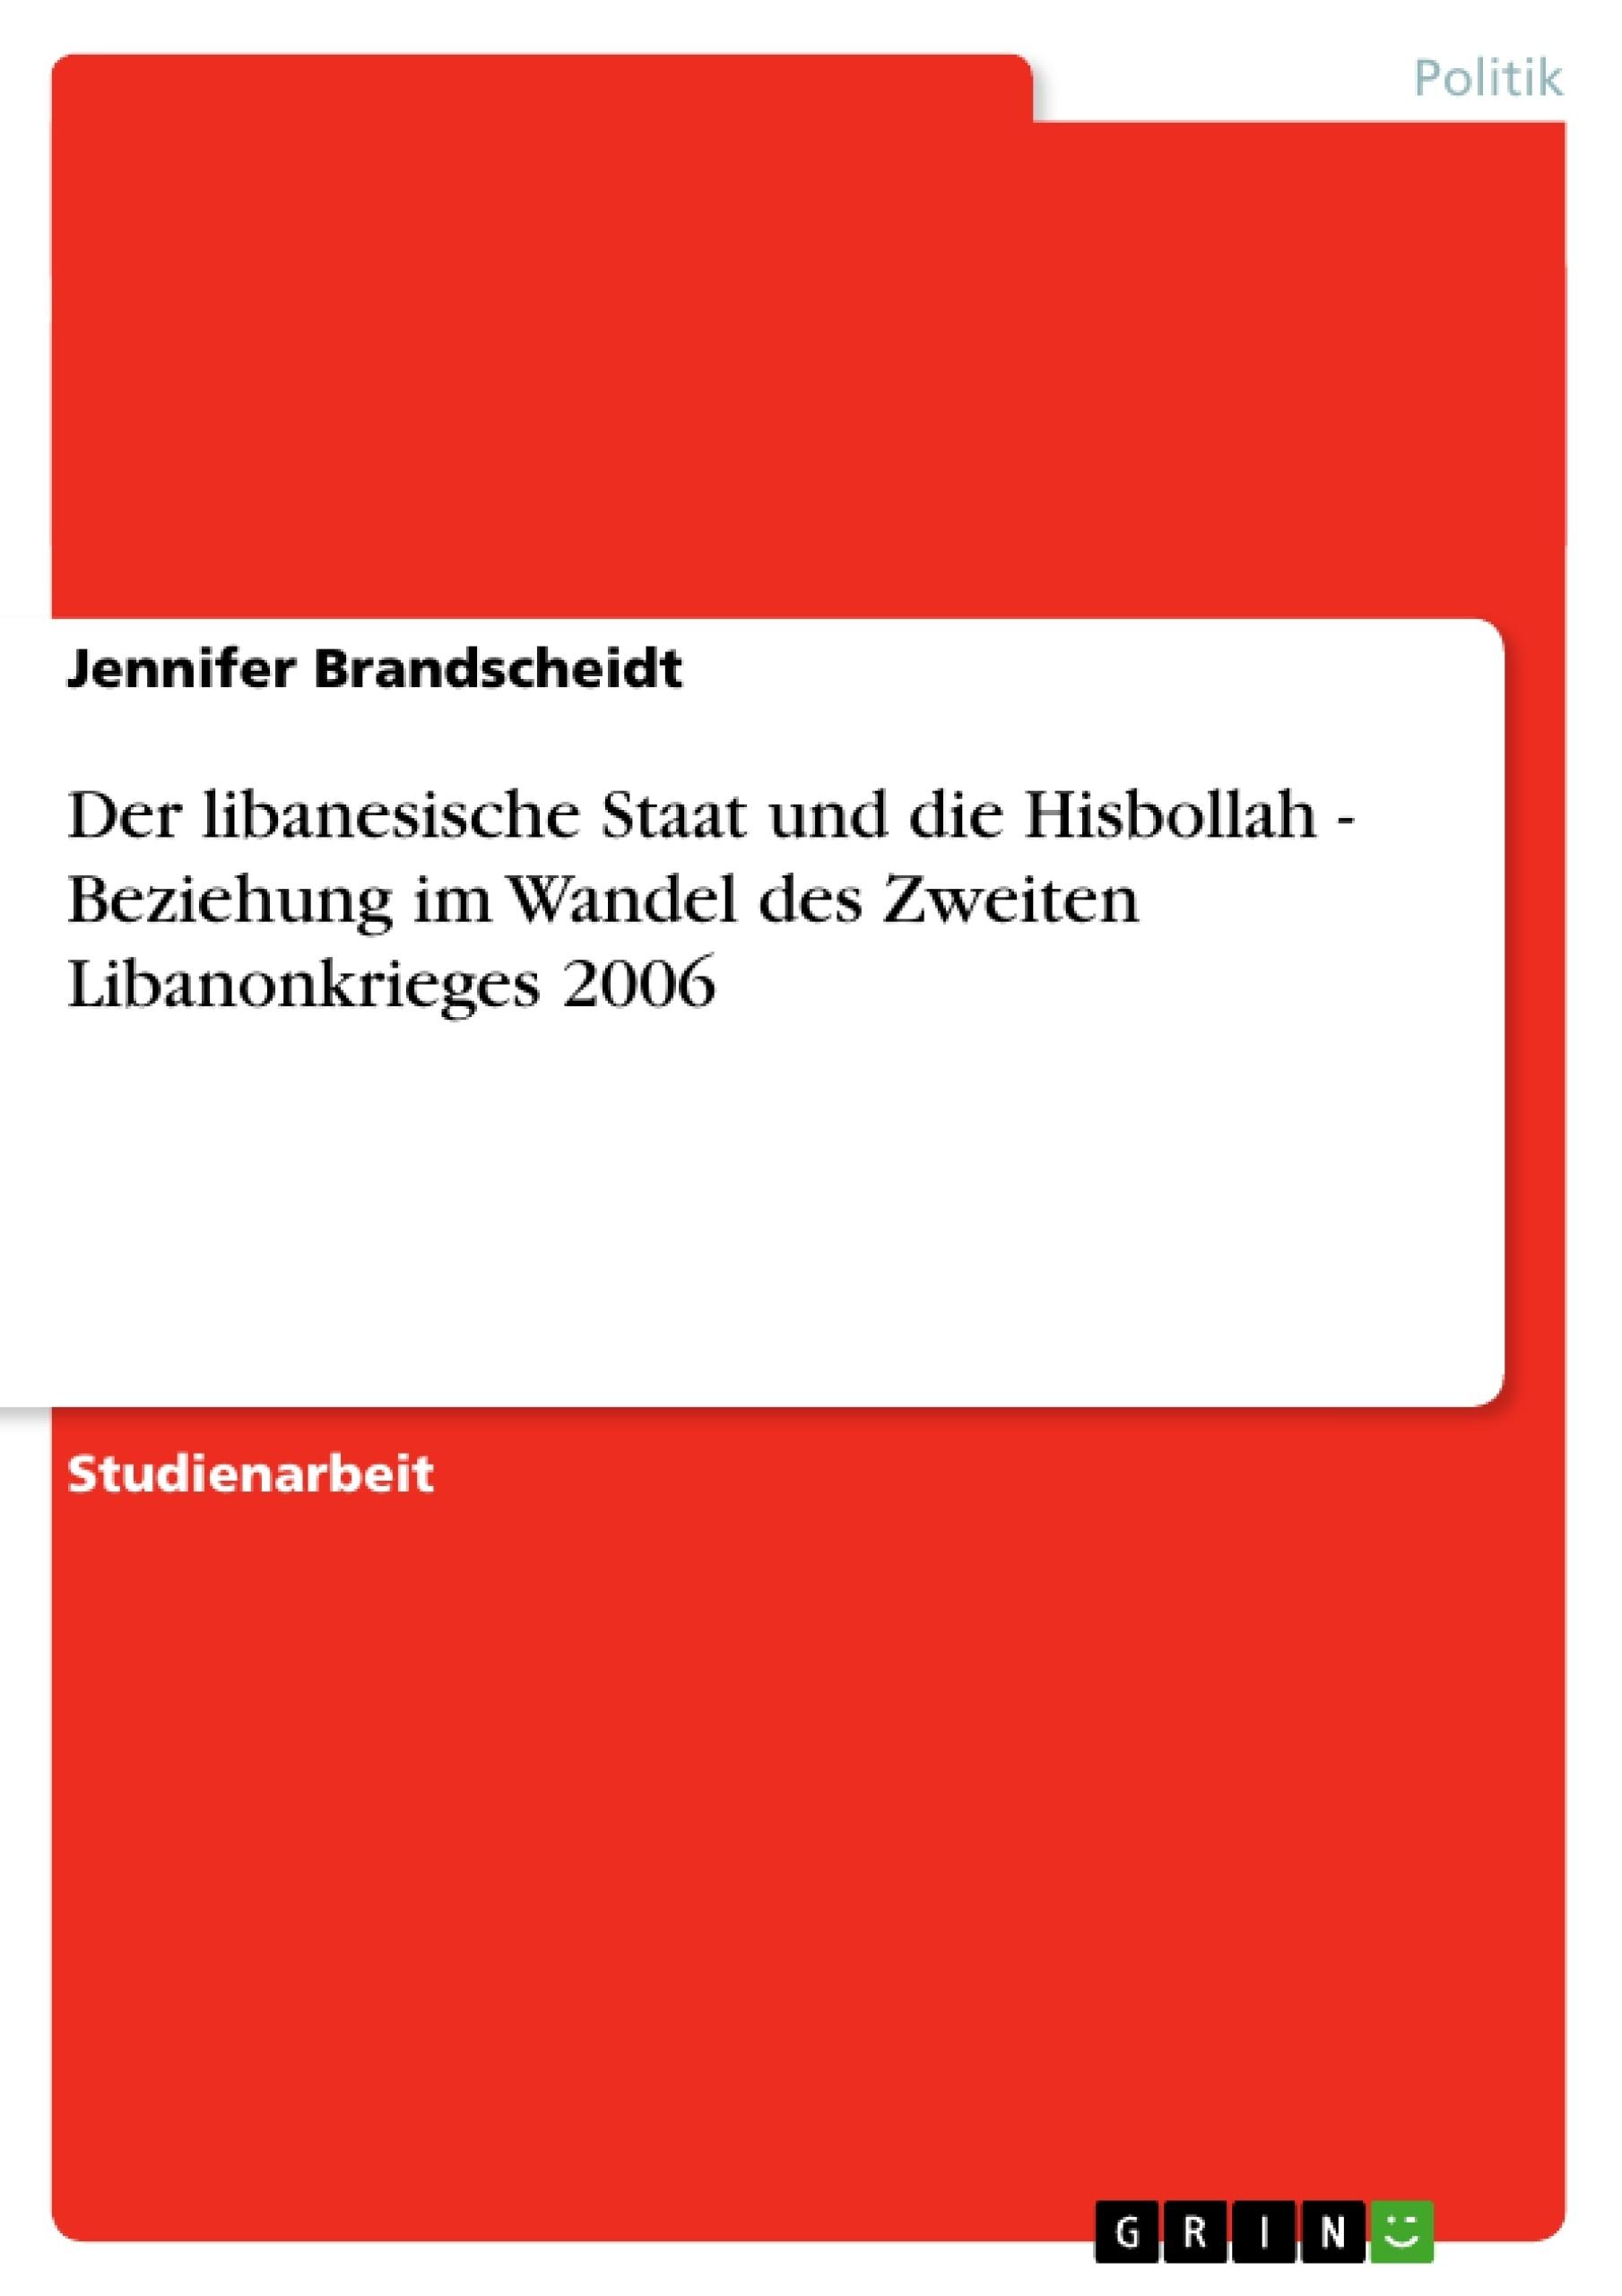 Titel: Der libanesische Staat und die Hisbollah - Beziehung im Wandel des Zweiten Libanonkrieges 2006